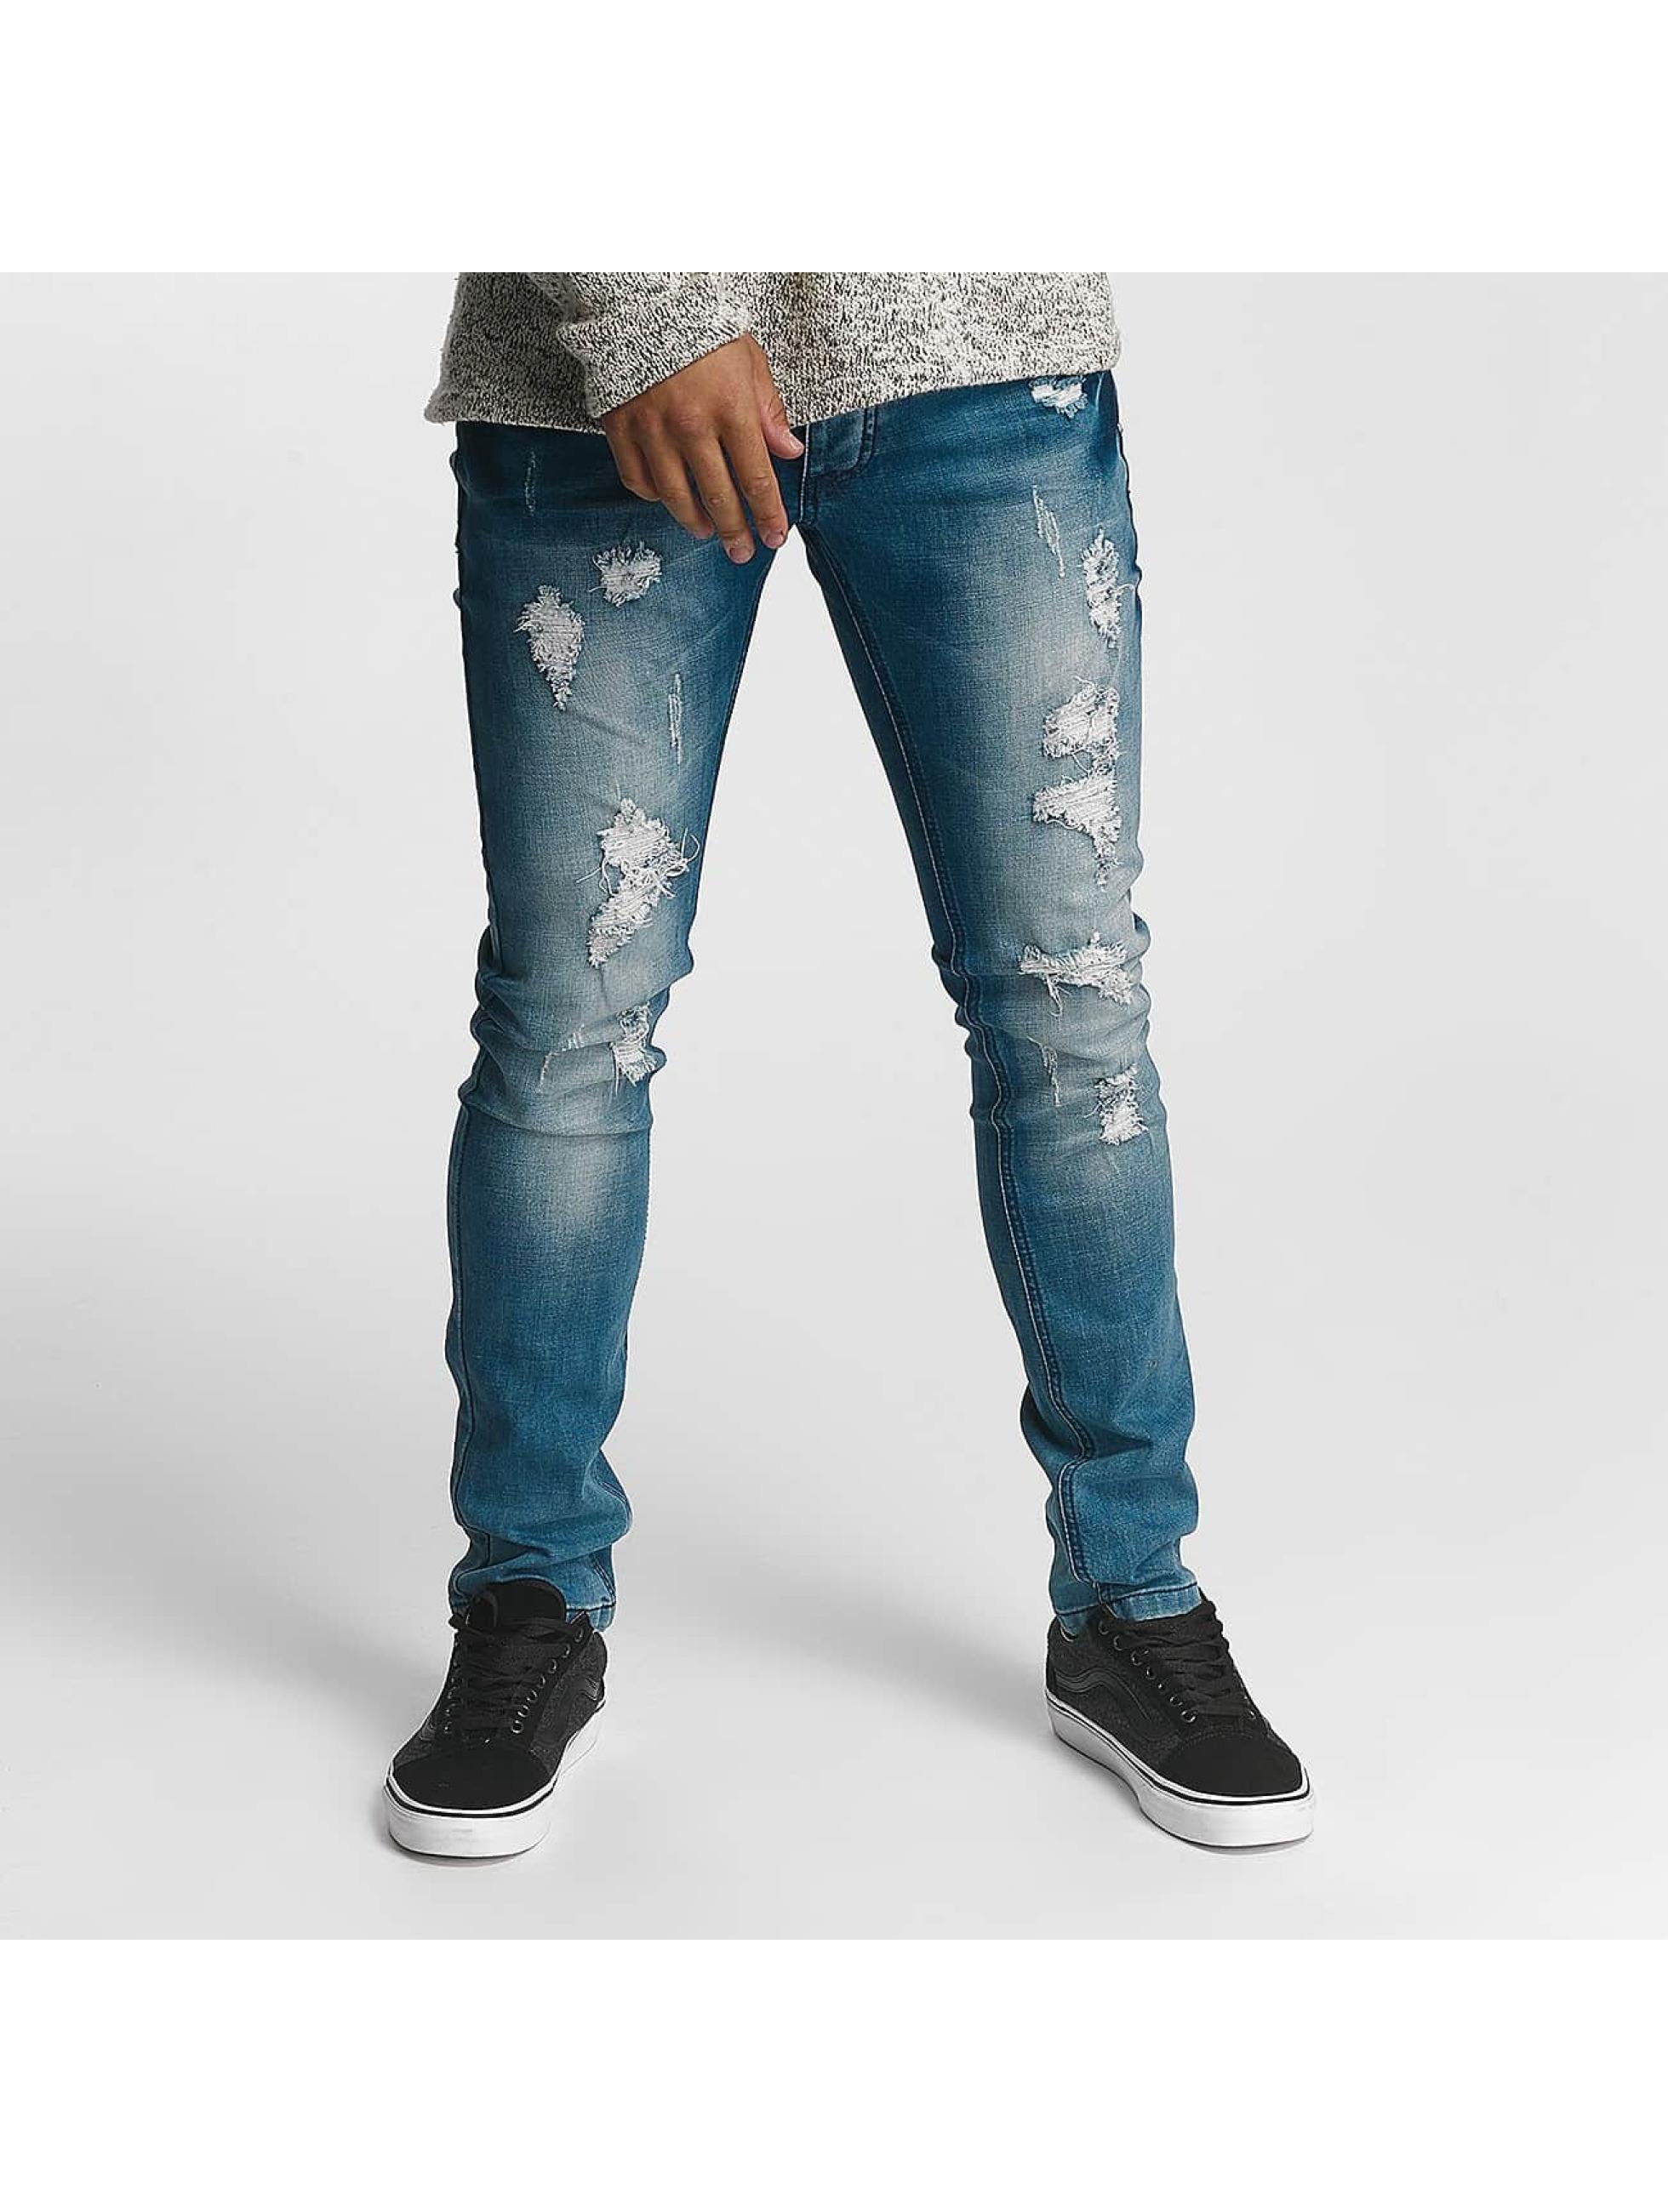 Leg Kings Slim Fit Jeans Kayden blue